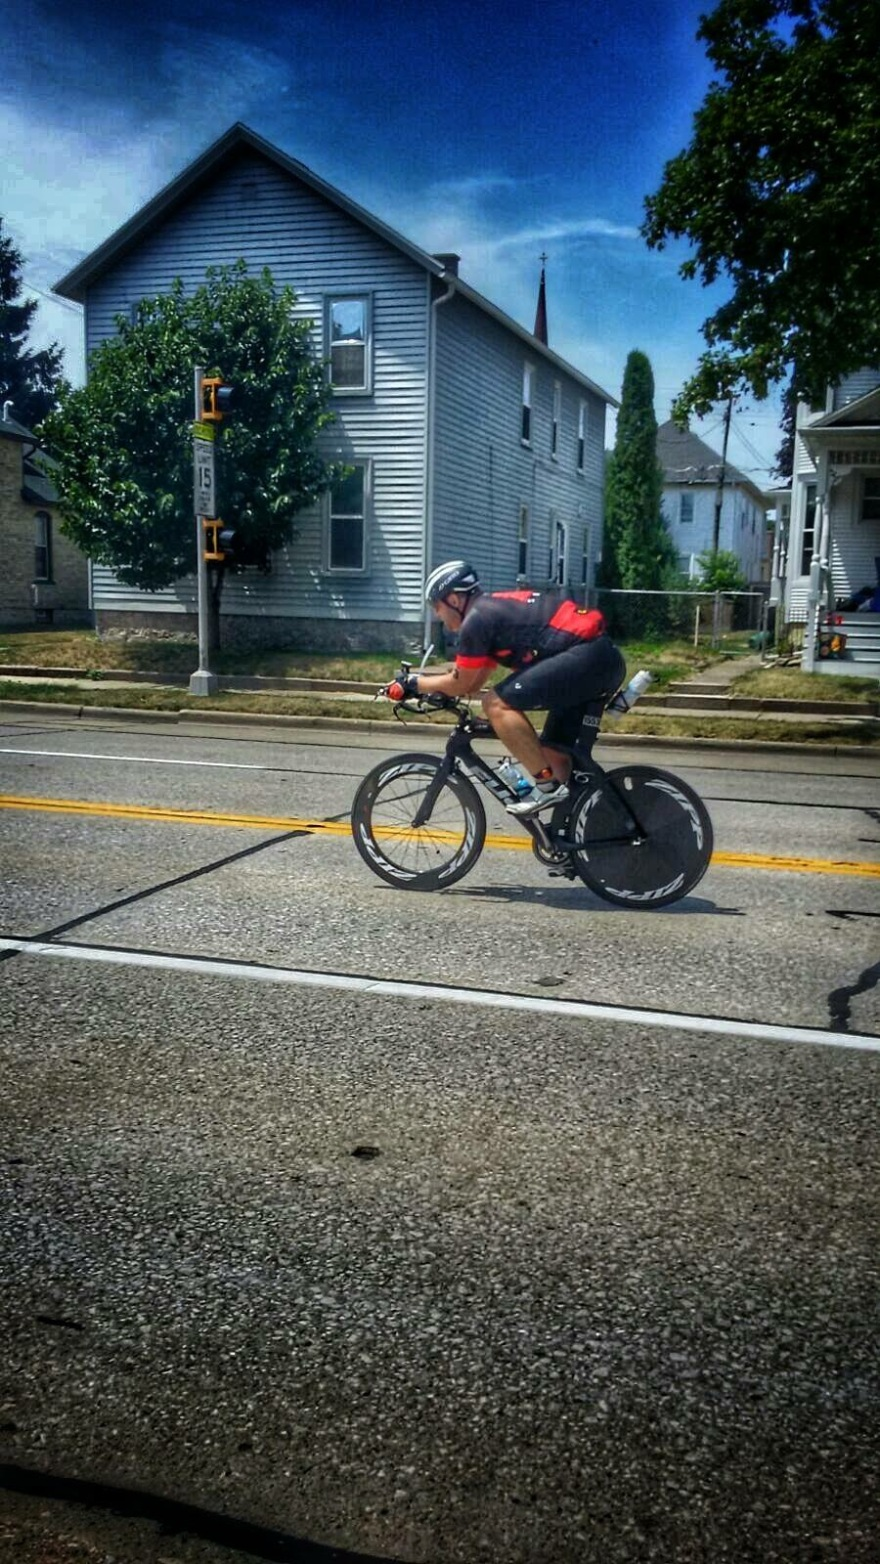 IMR70.3 bike